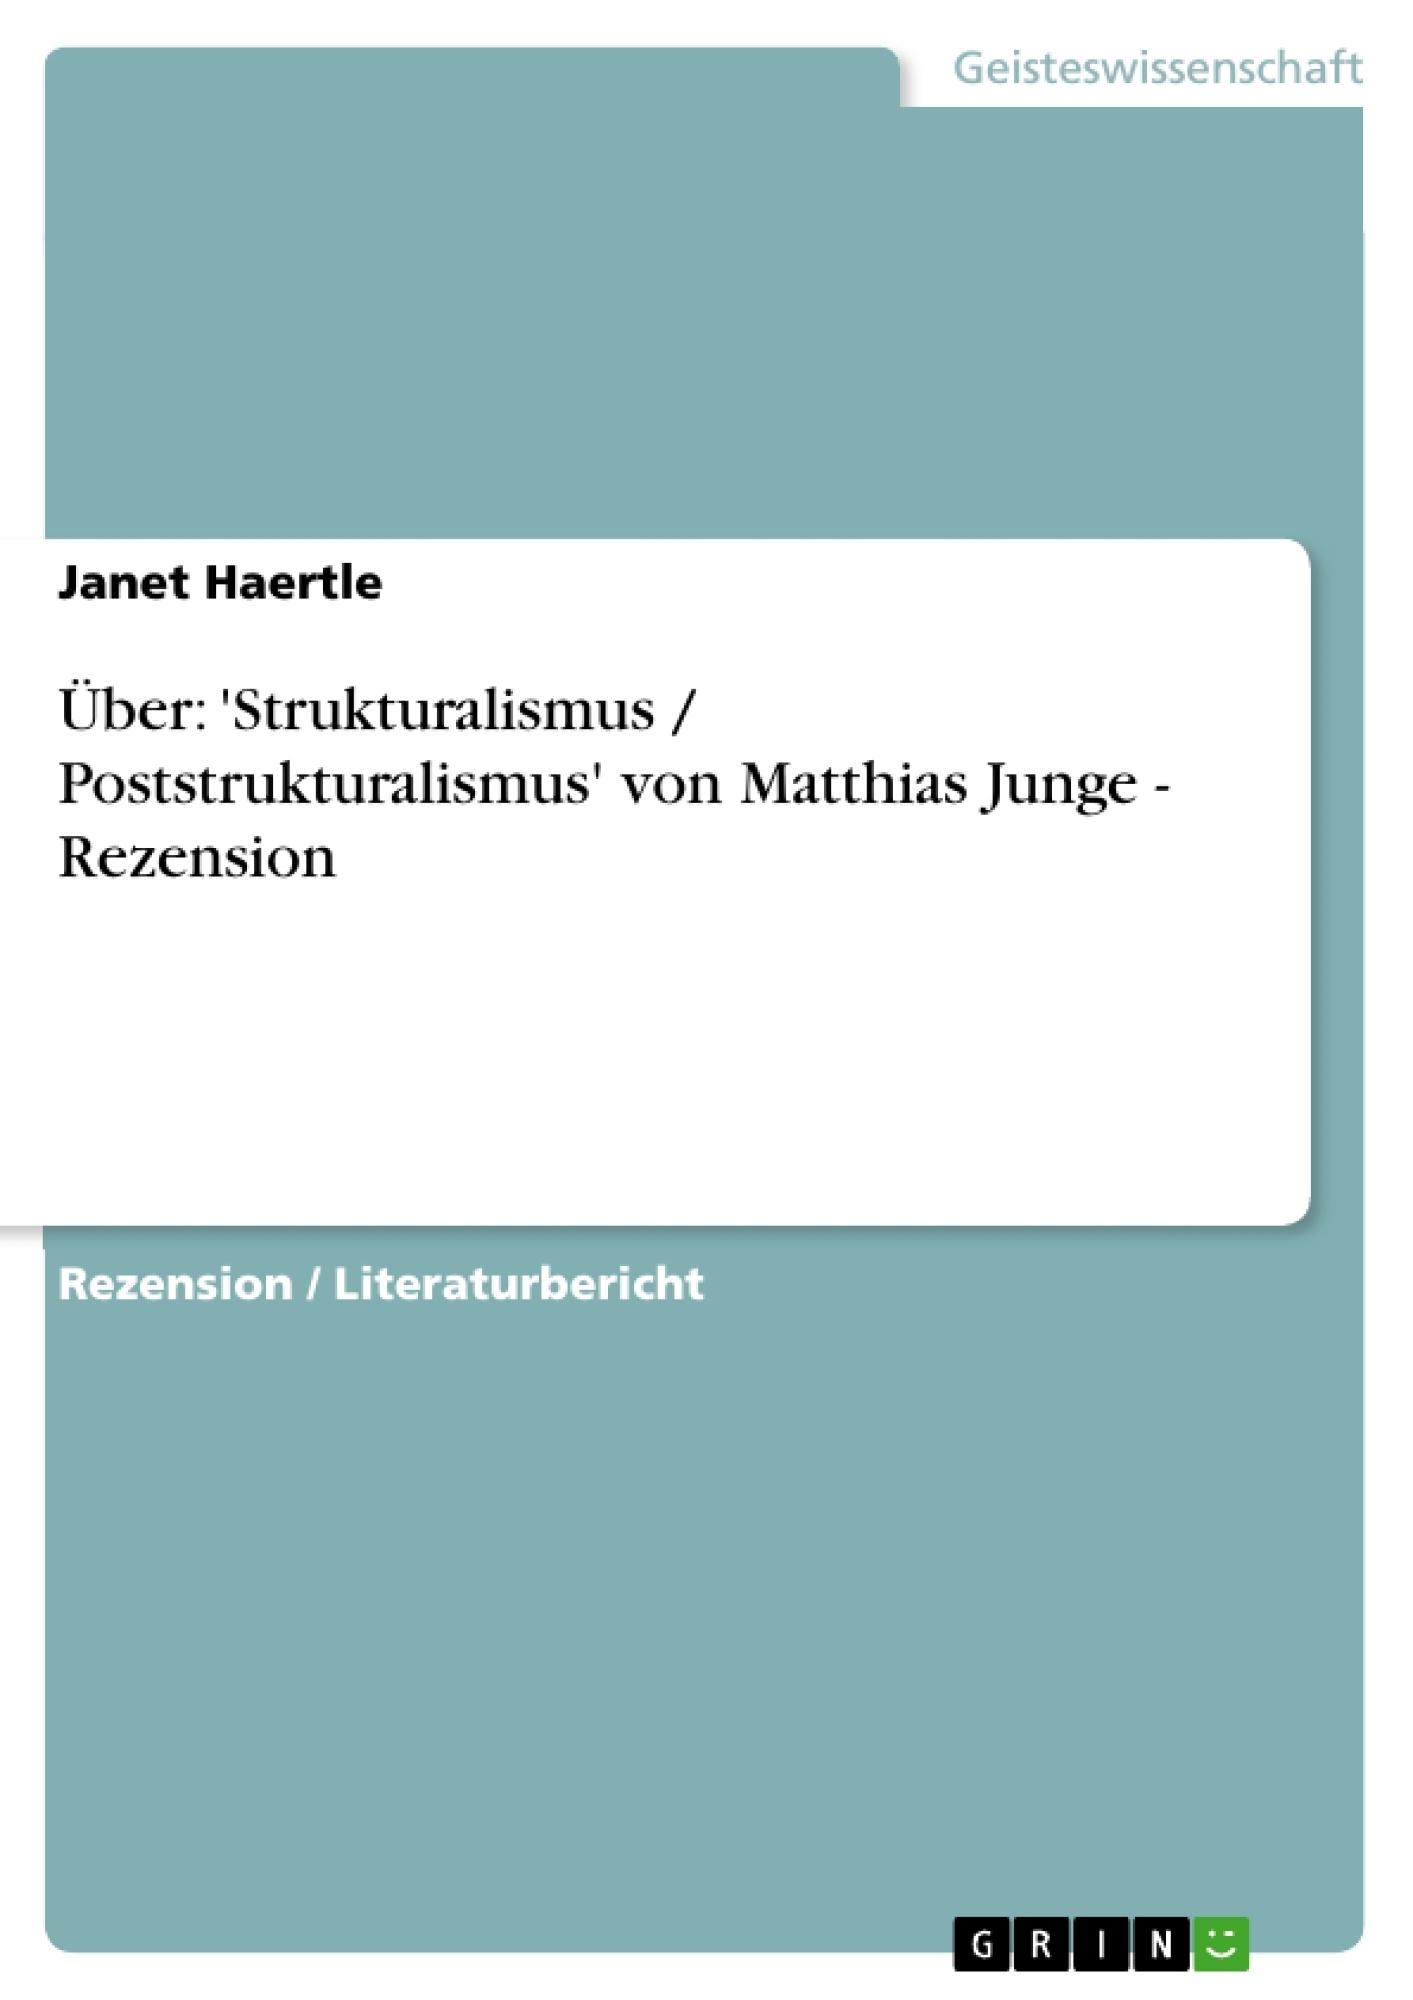 Titel: Über: 'Strukturalismus / Poststrukturalismus' von Matthias Junge - Rezension